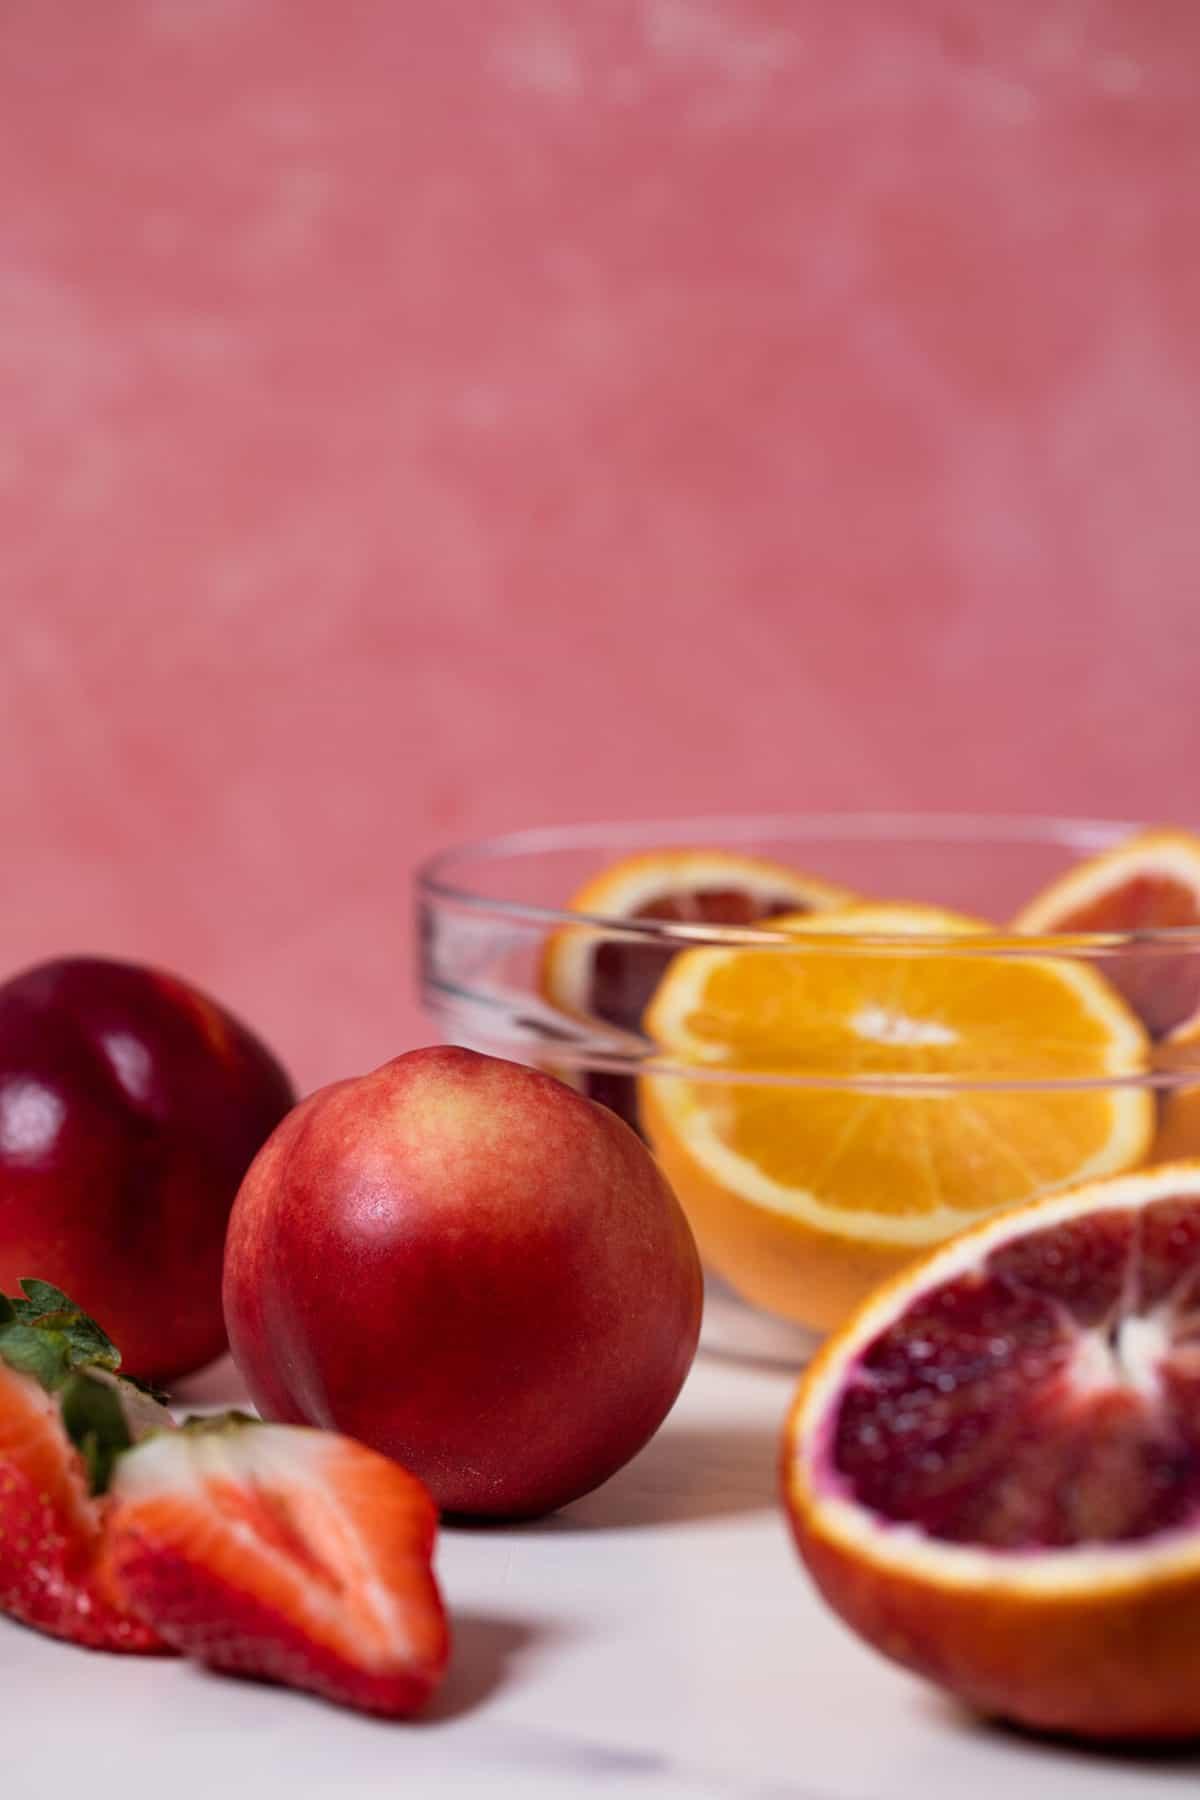 Blood Orange Strawberry Ginger Mocktail